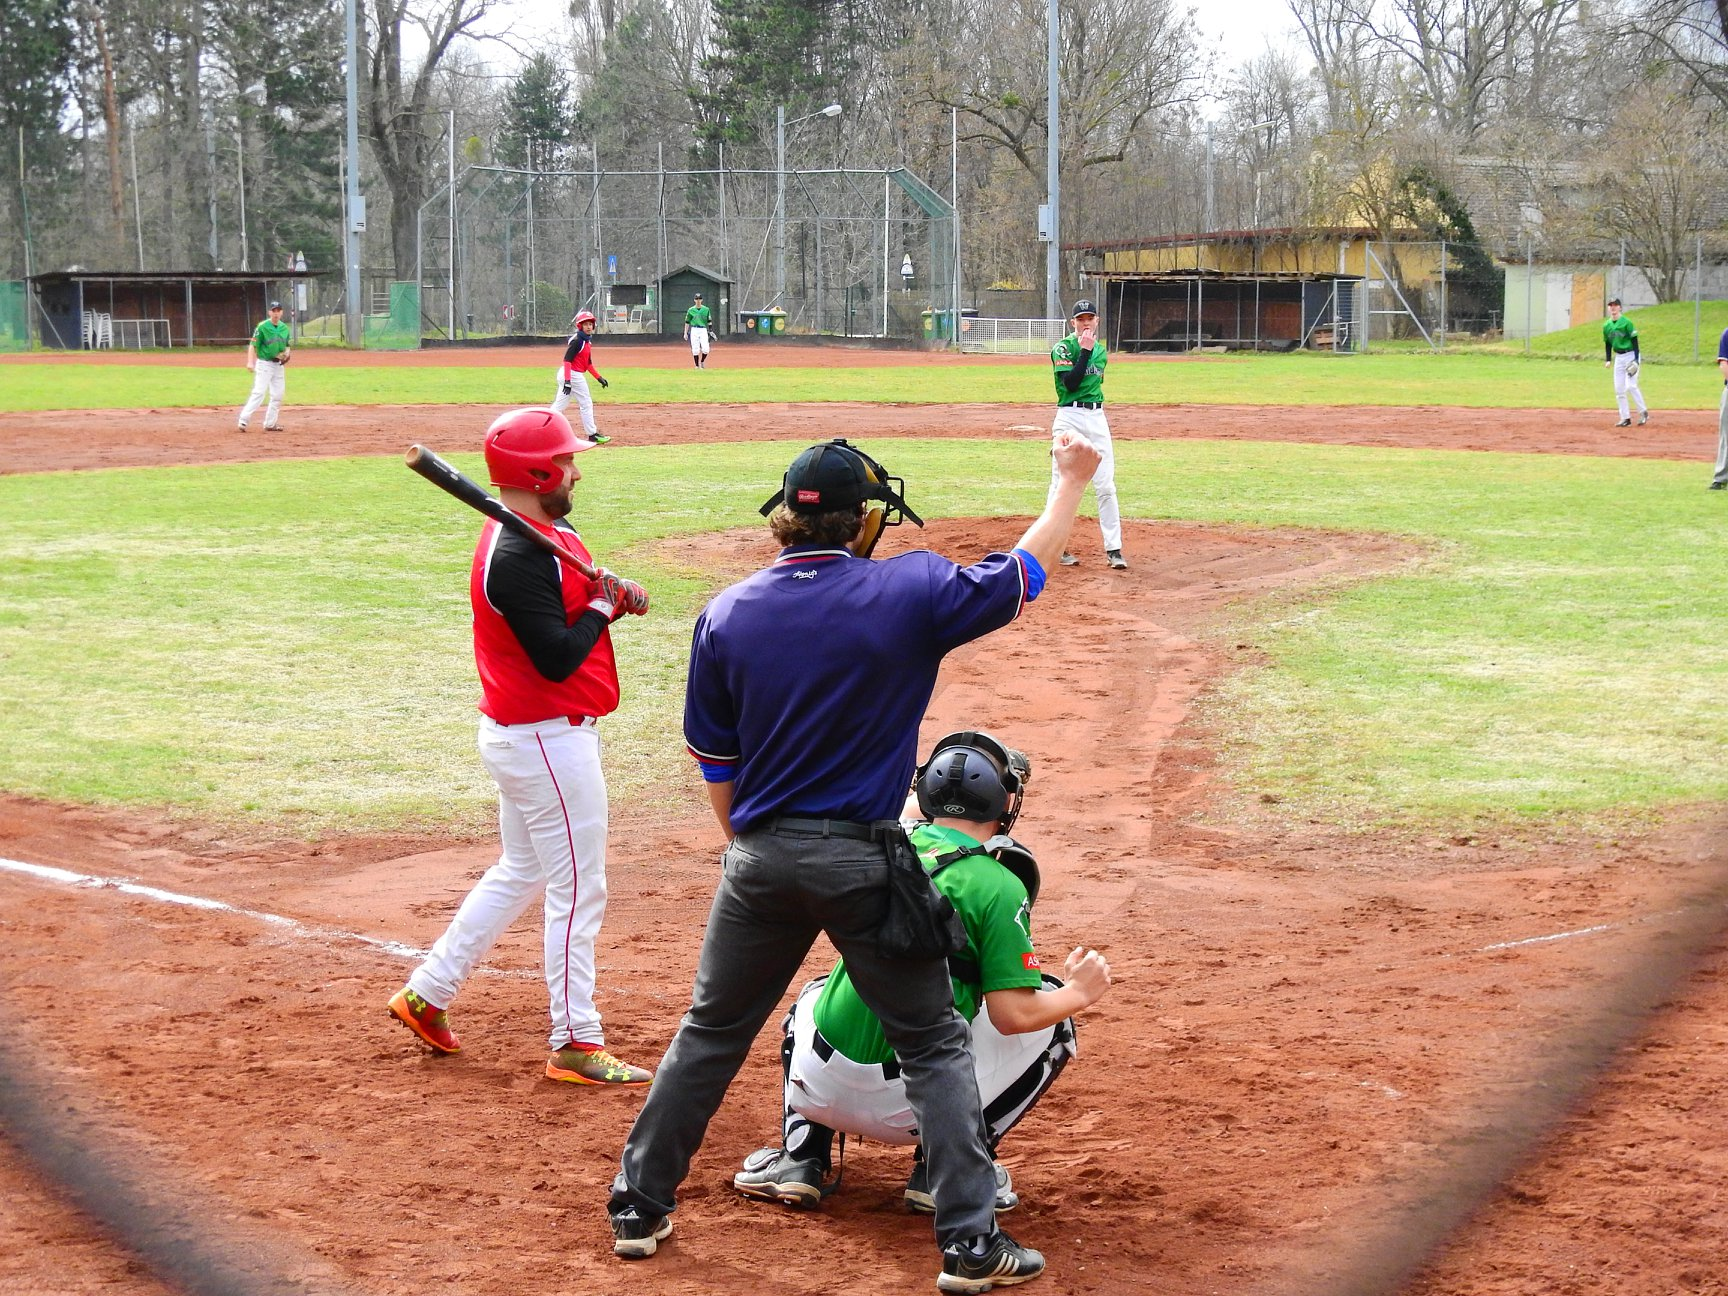 Der Umpire signalisiert einen Strike